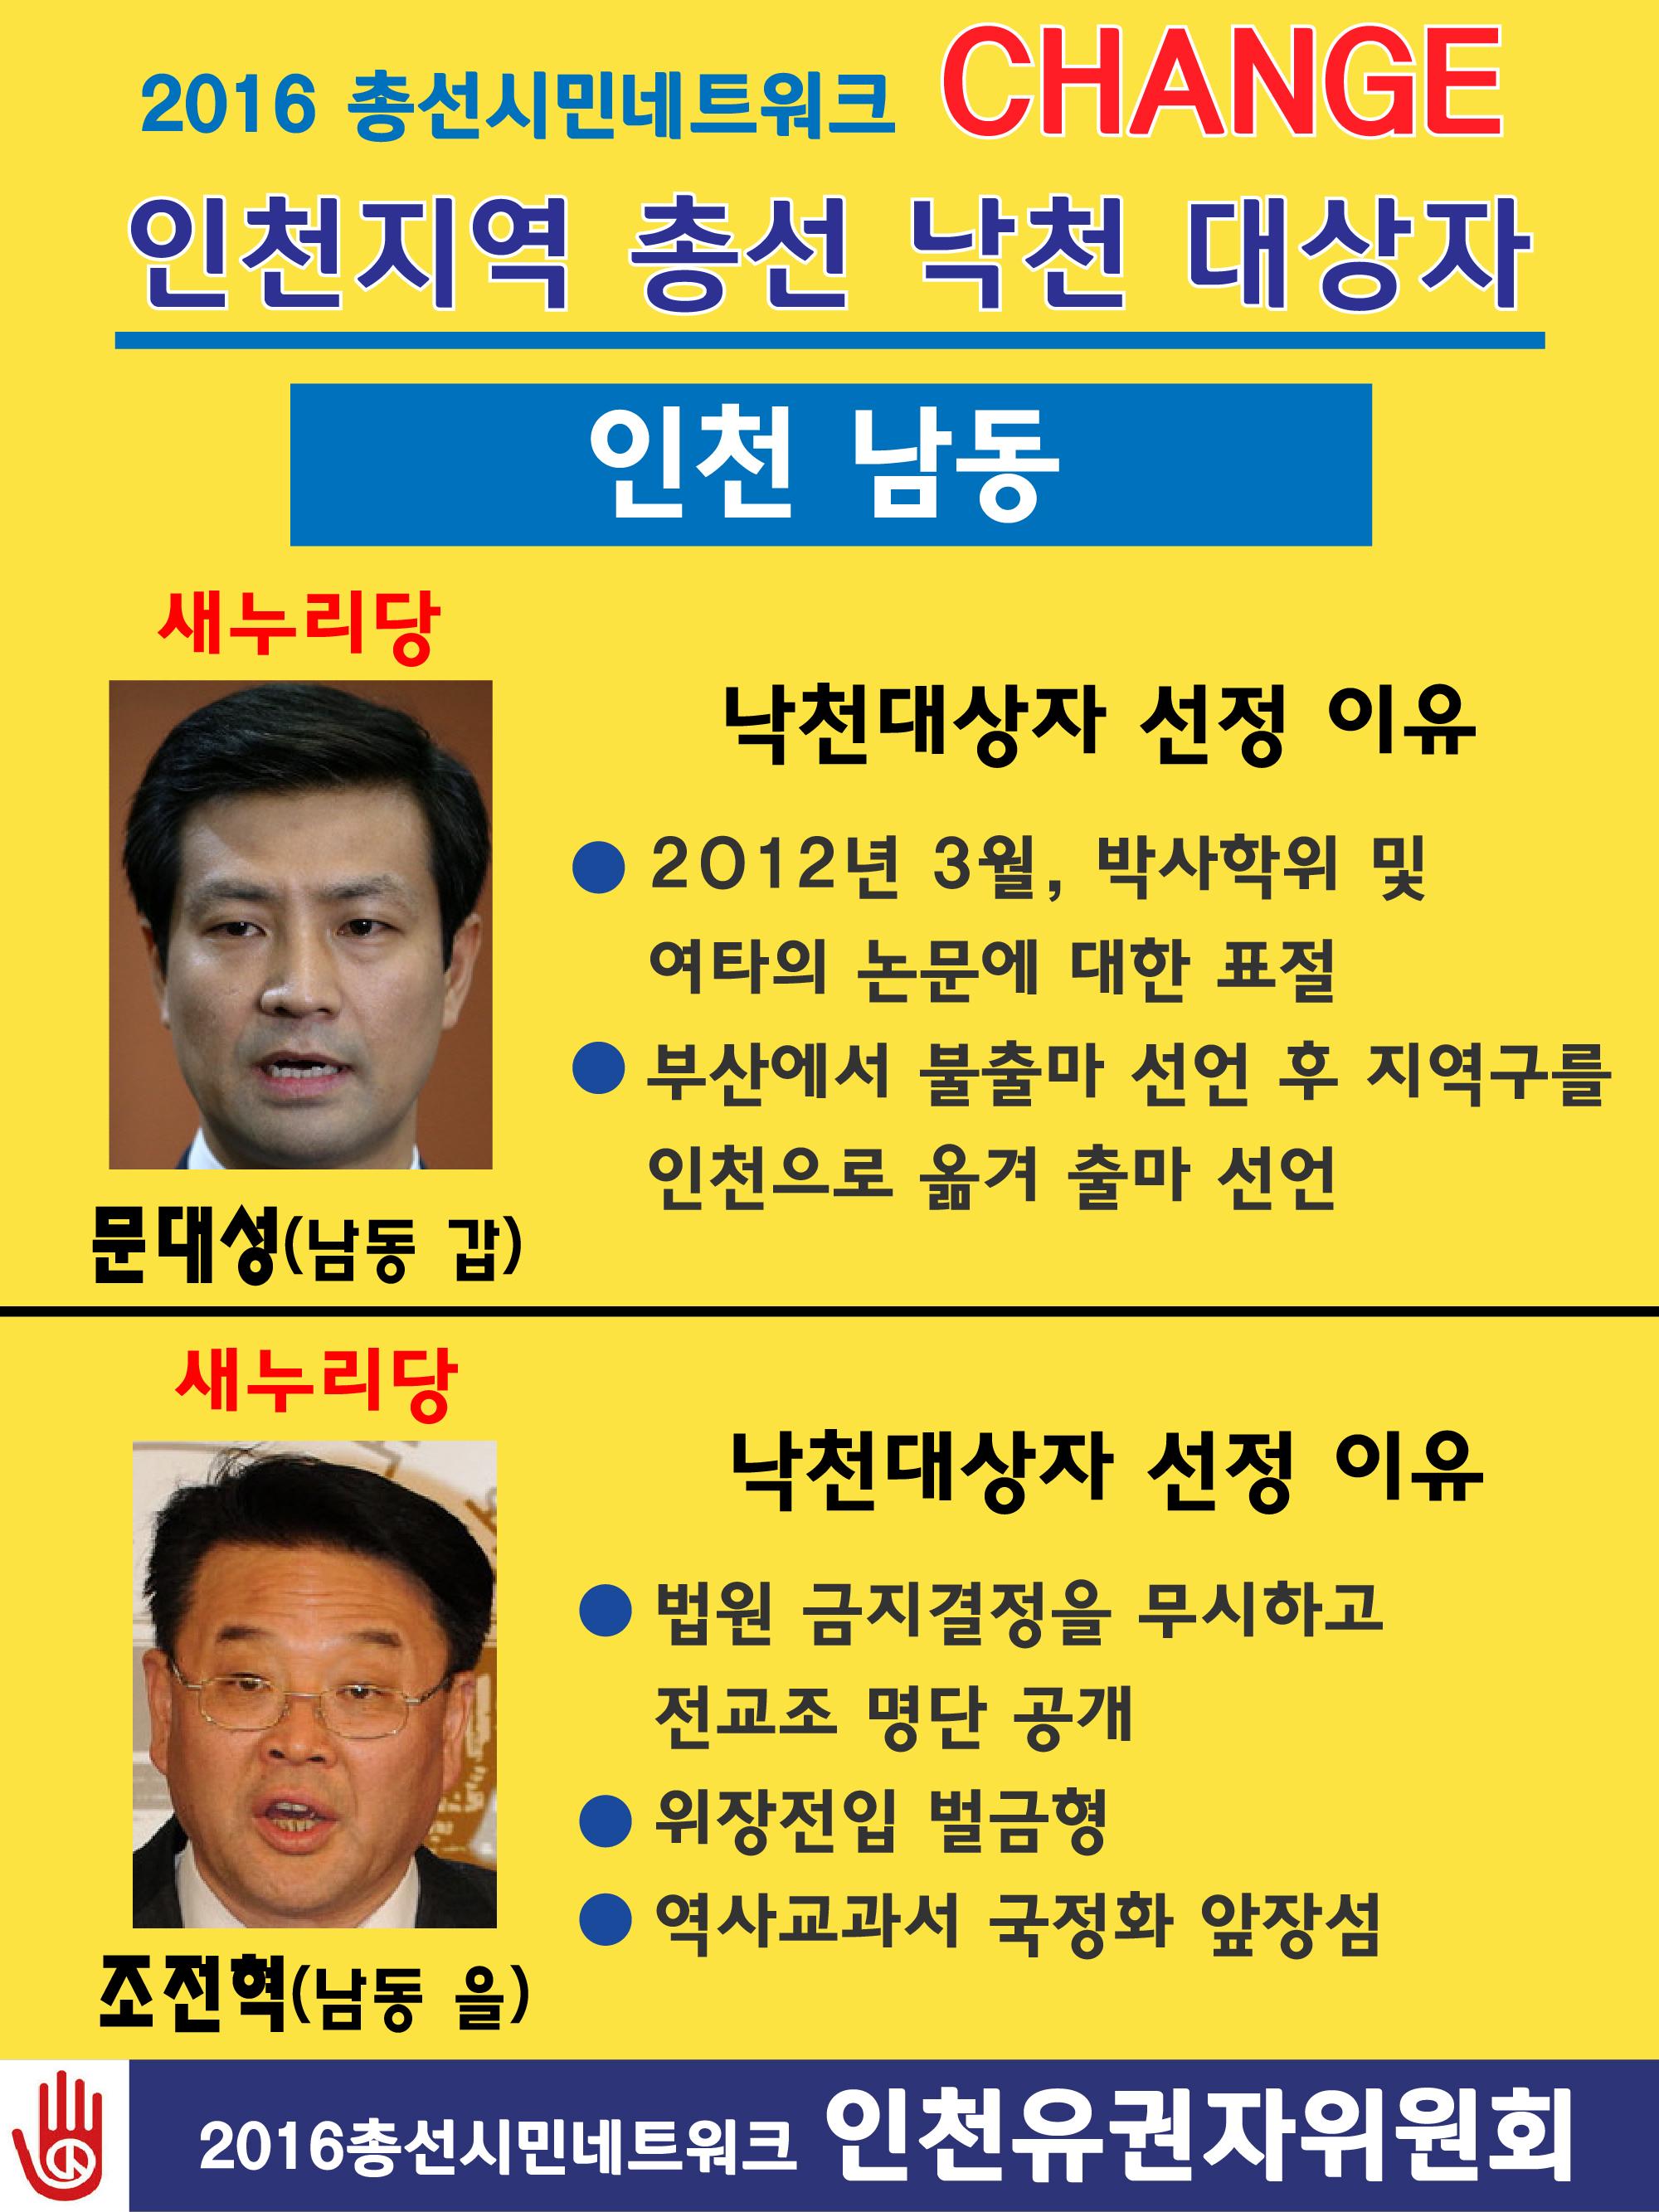 인천 남동 낙천대상자.jpg